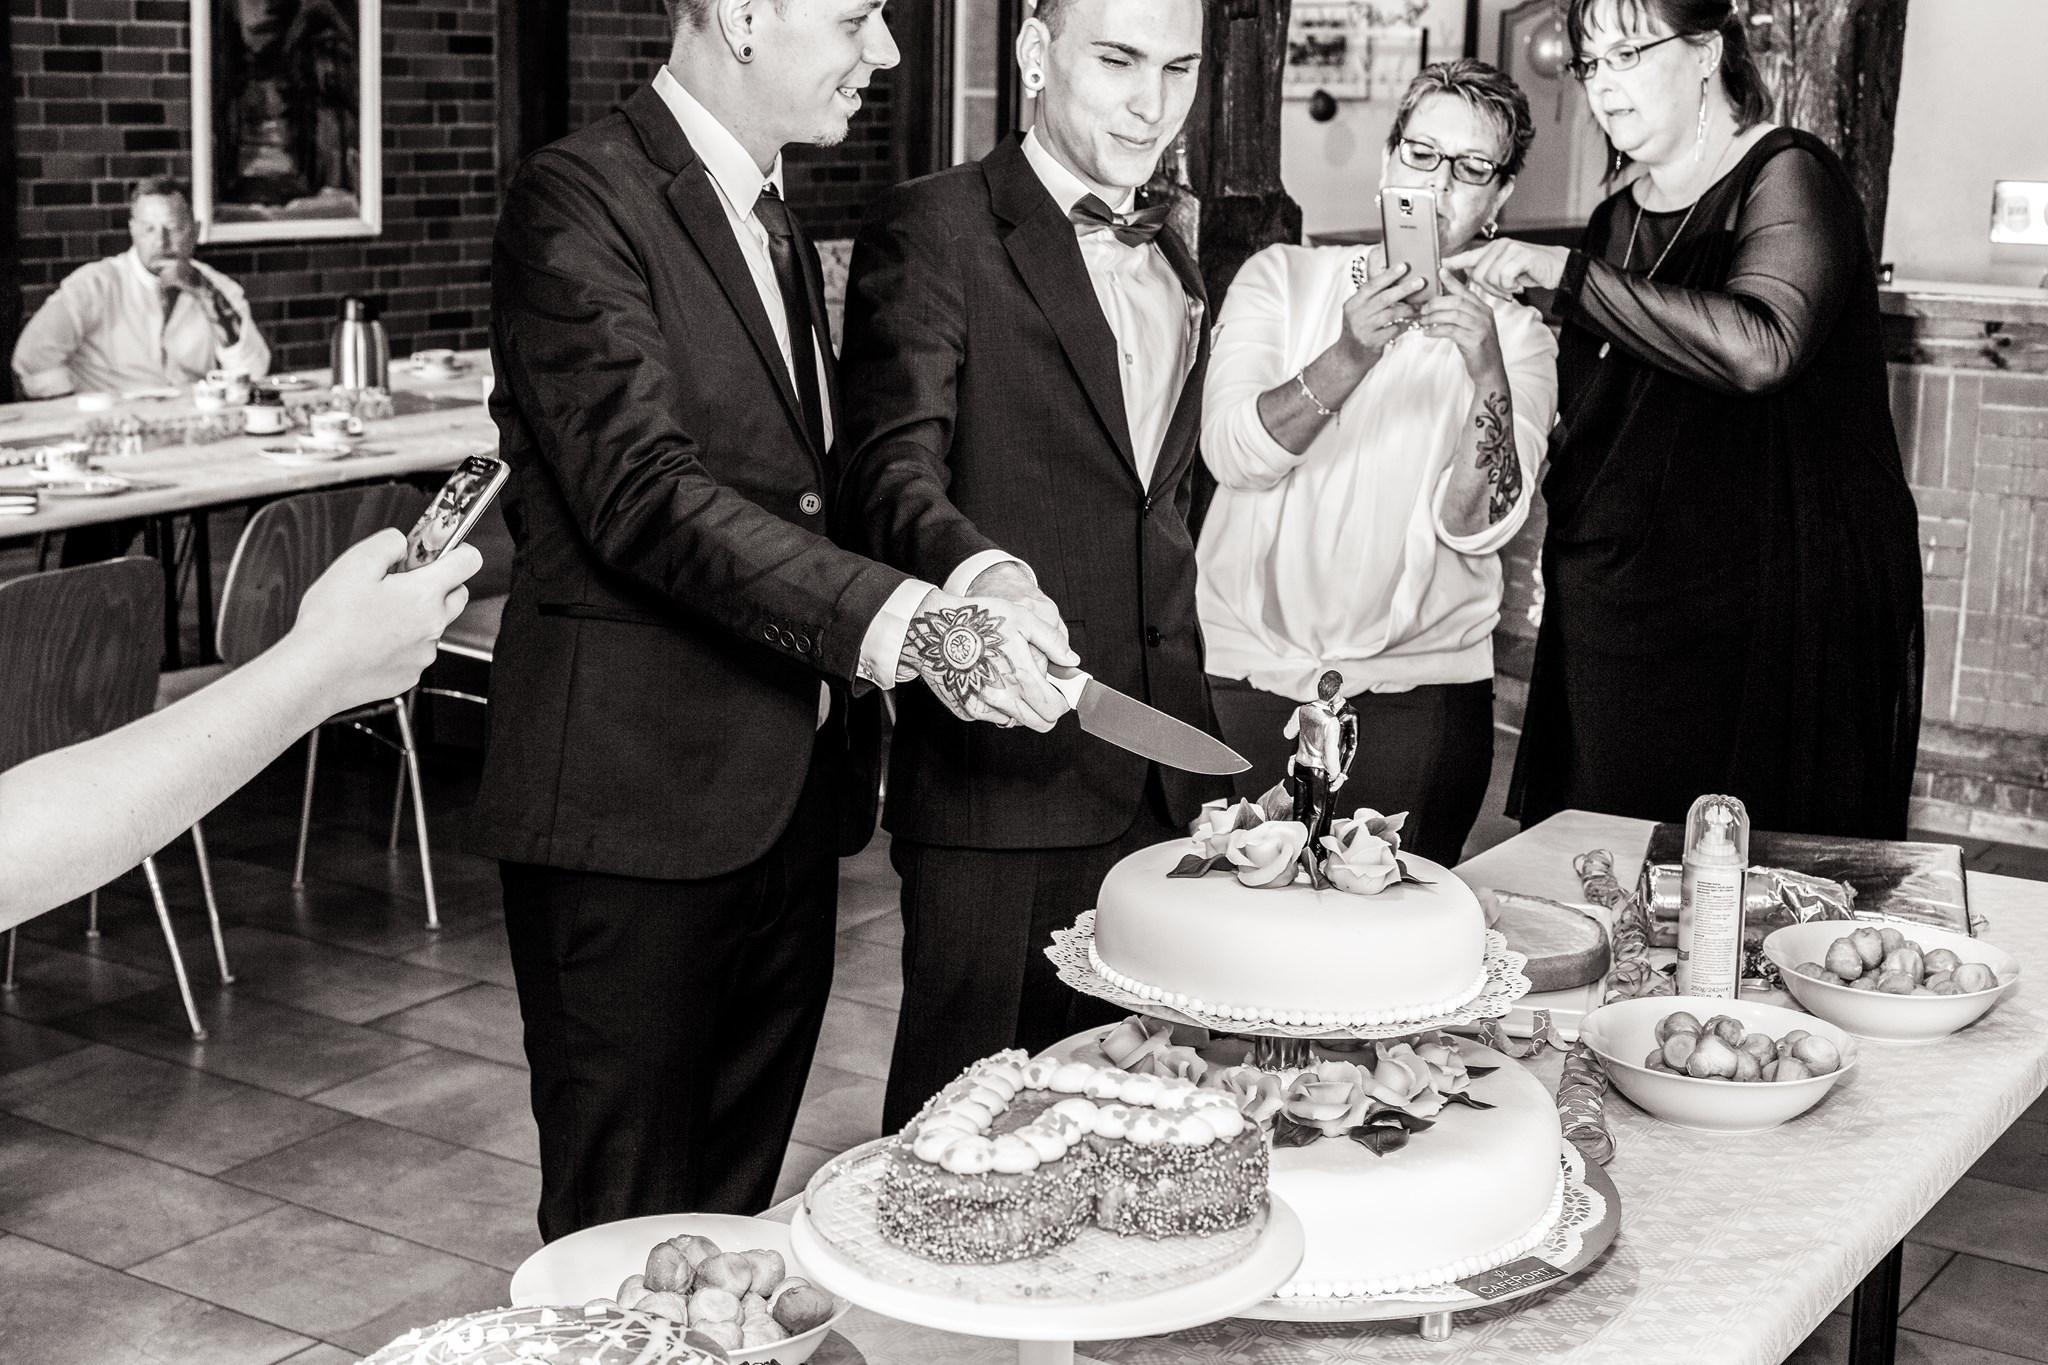 Hochzeit_Madaus_sw_0238 (Copy)